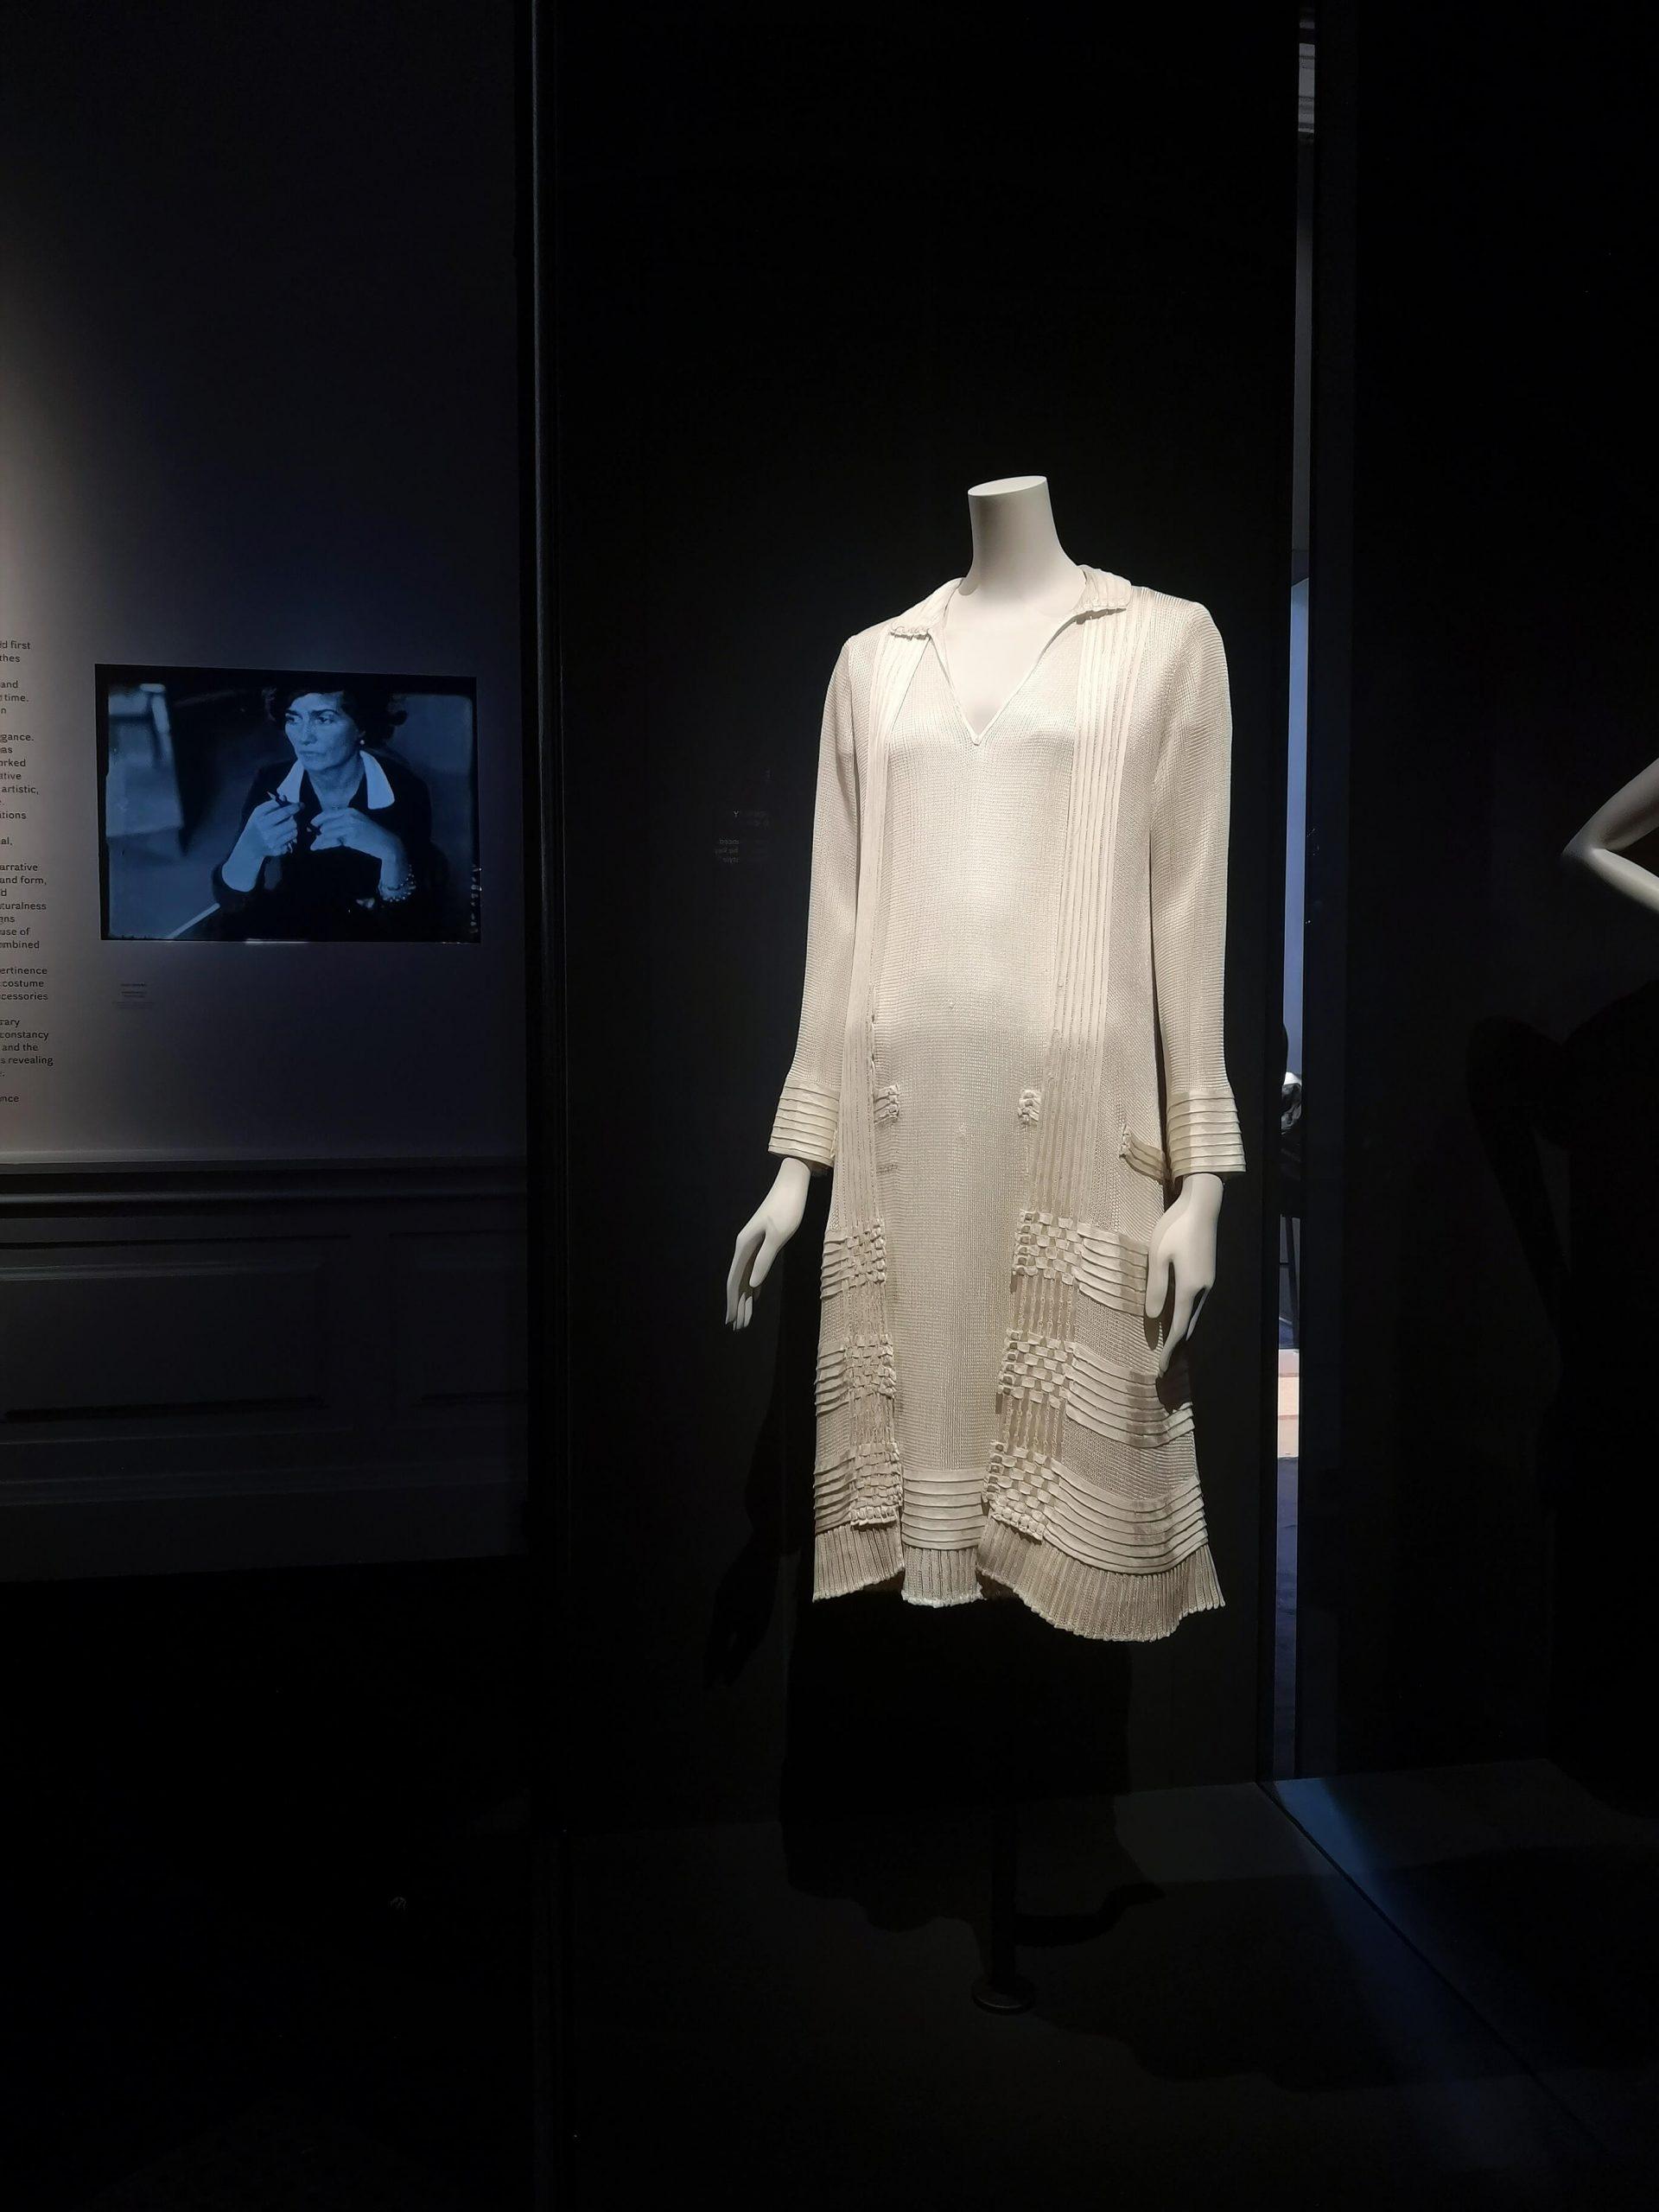 Dress & Jacket Ensemble / Between 1922 & 1928 / Paris, Patrimoine de Chanel